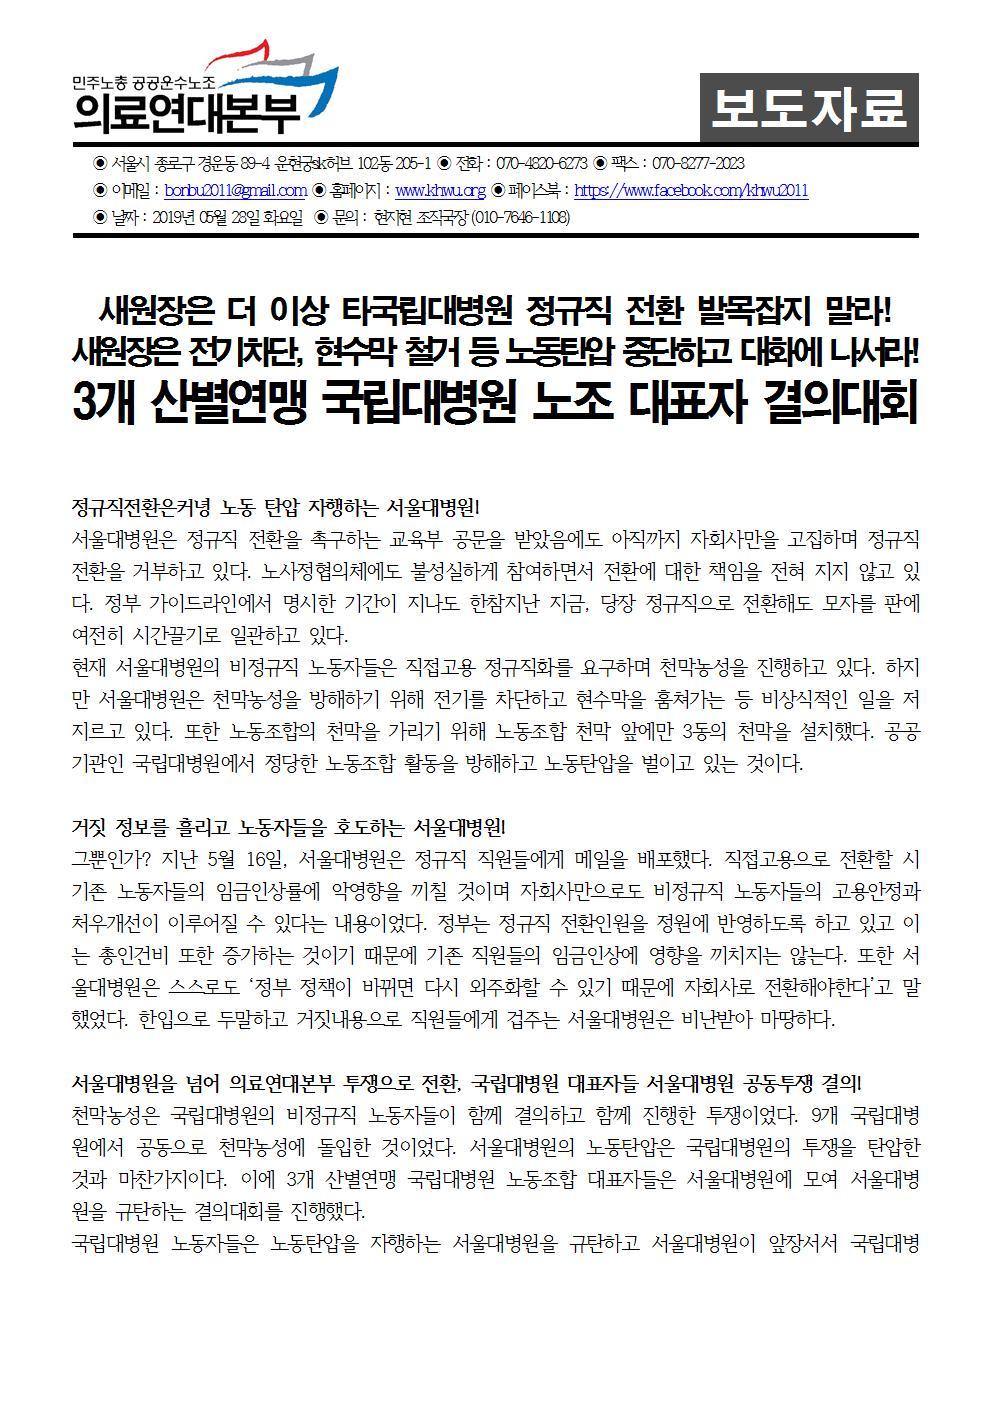 190528_보도자료_서울대병원규탄_3연맹_결의대회001.jpg